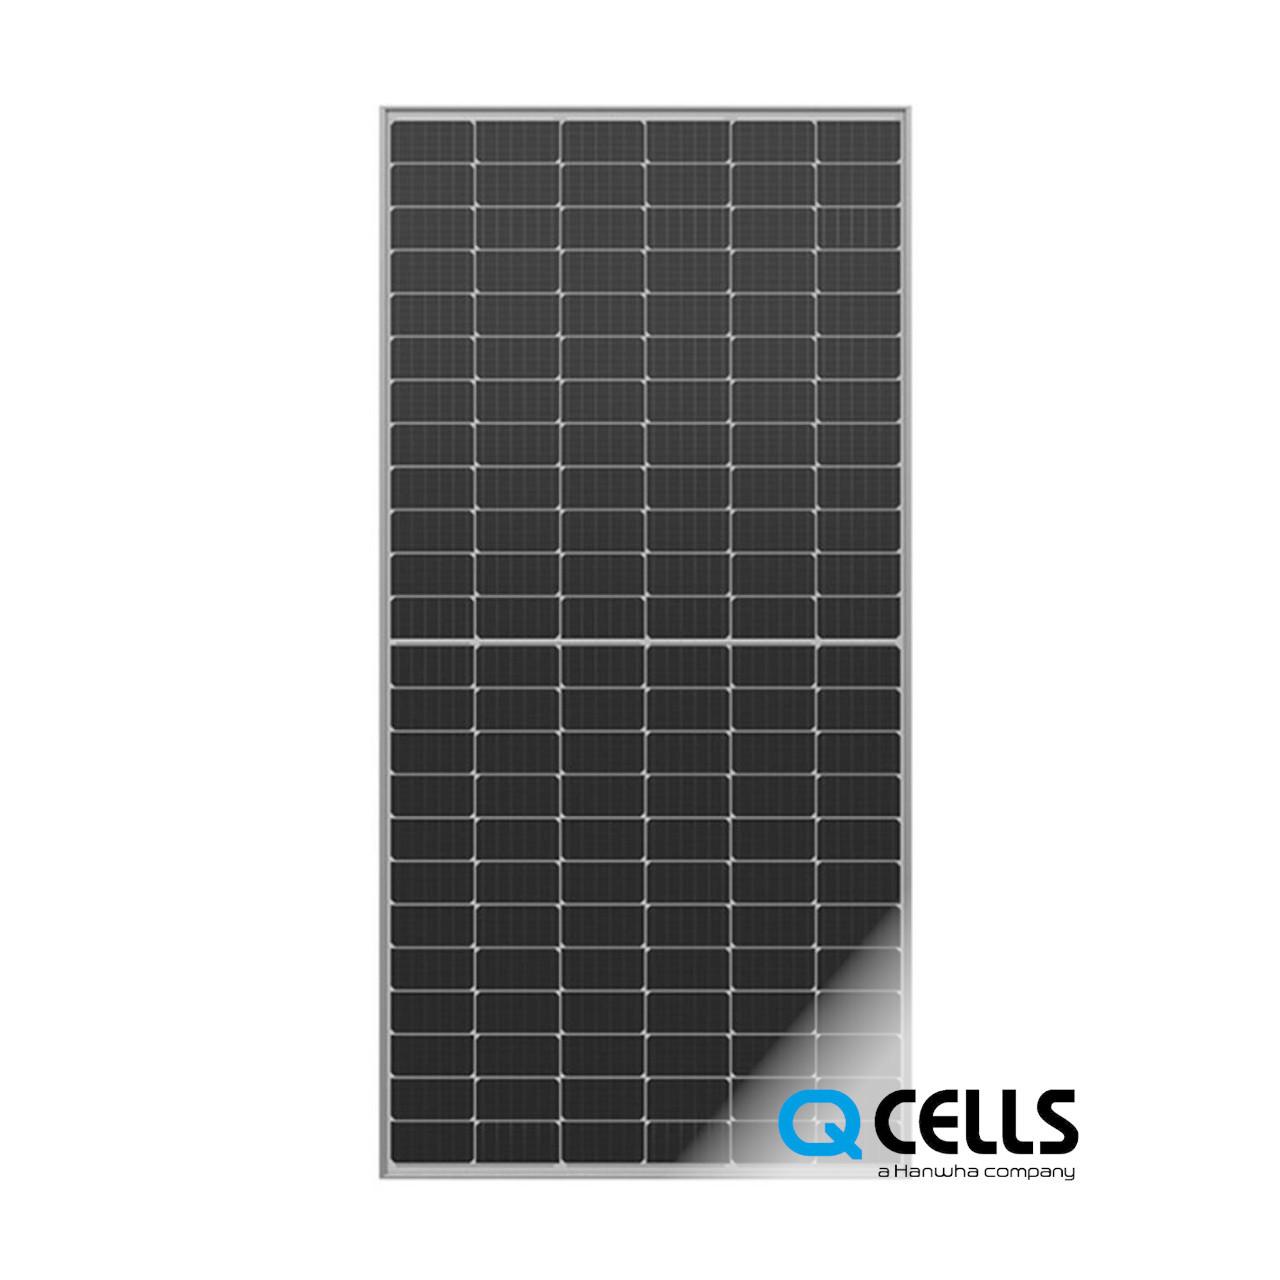 Q Cells - Q.PEAK DUO L-G8.3 - Front